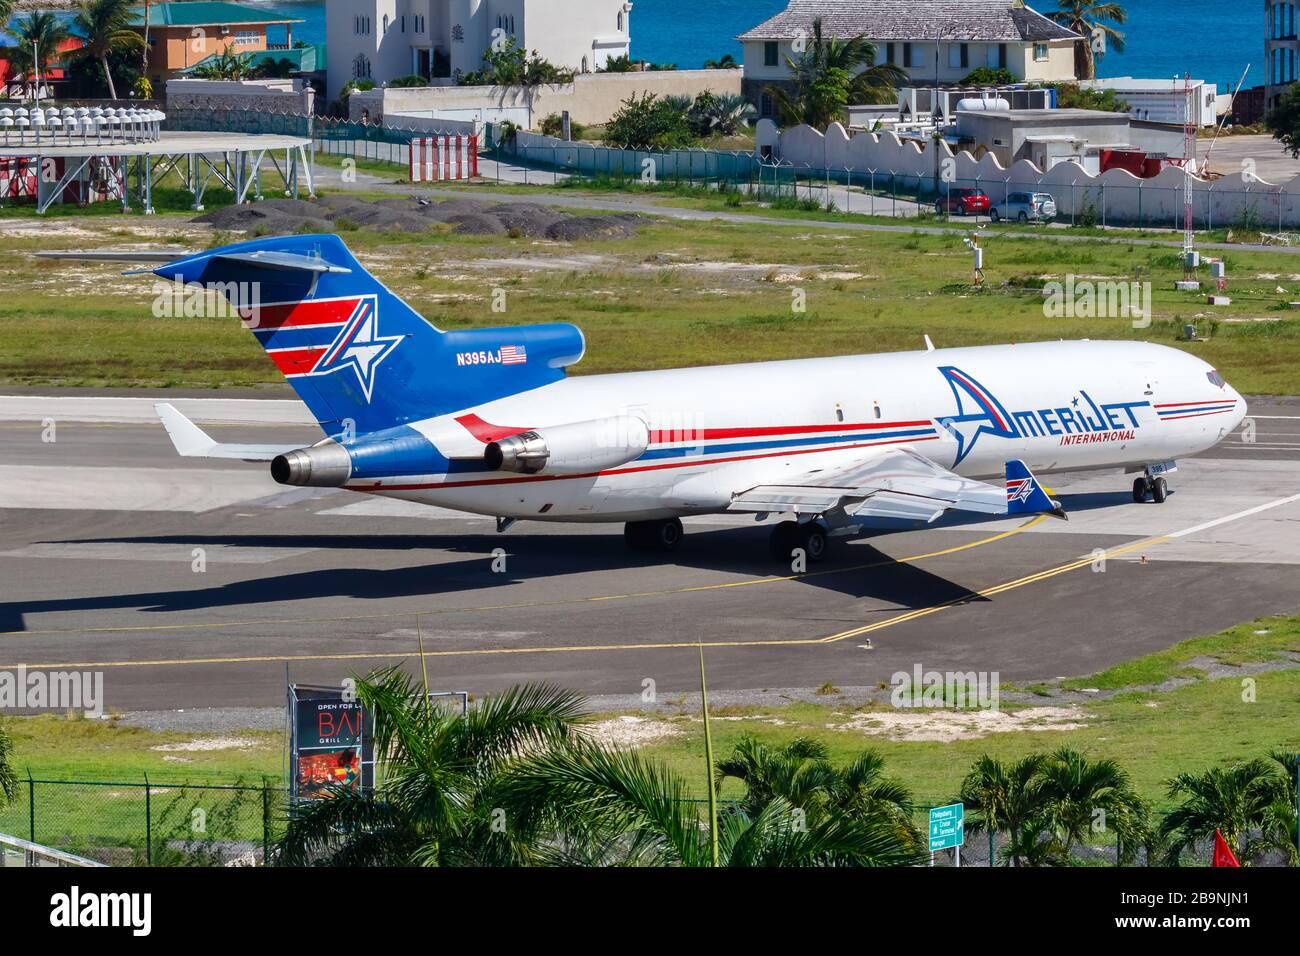 Sint Maarten, Antillas Holandesas – 20 de septiembre de 2016: Avión Amerijet International Boeing 727-200F en el aeropuerto Sint Maarten (SXM) en Holanda Foto de stock